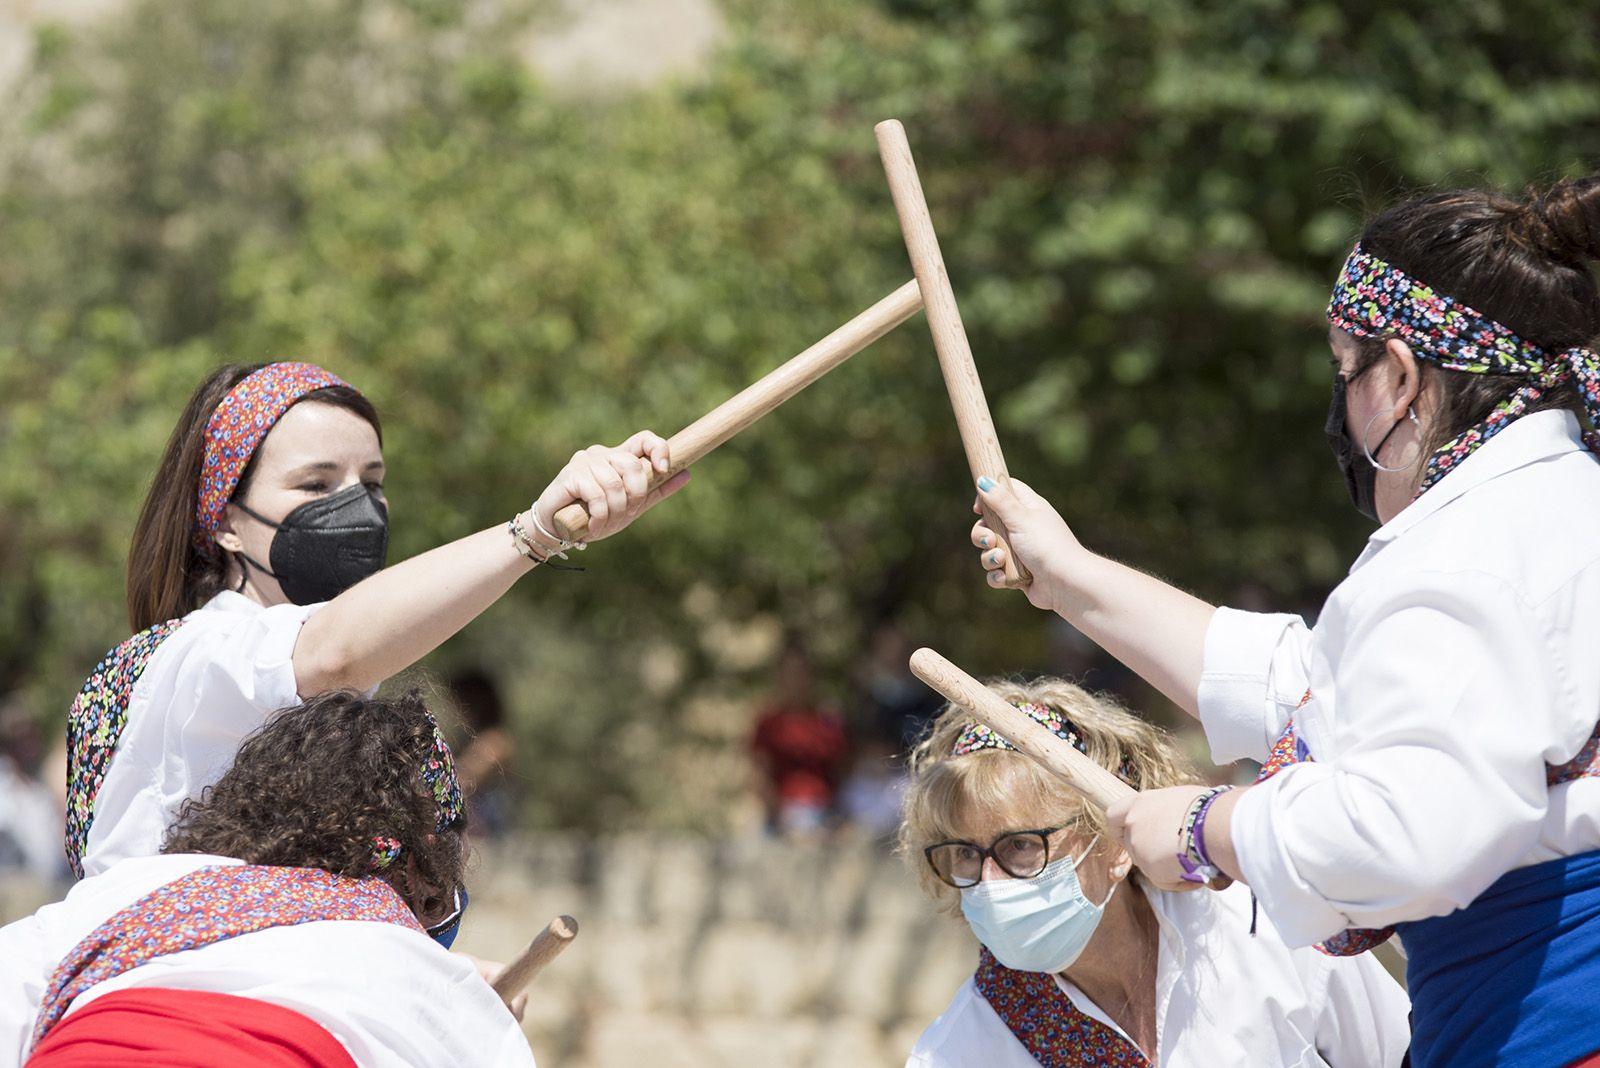 Ball de caparrots i mostra d'entremesos. Foto: Bernat Millet.